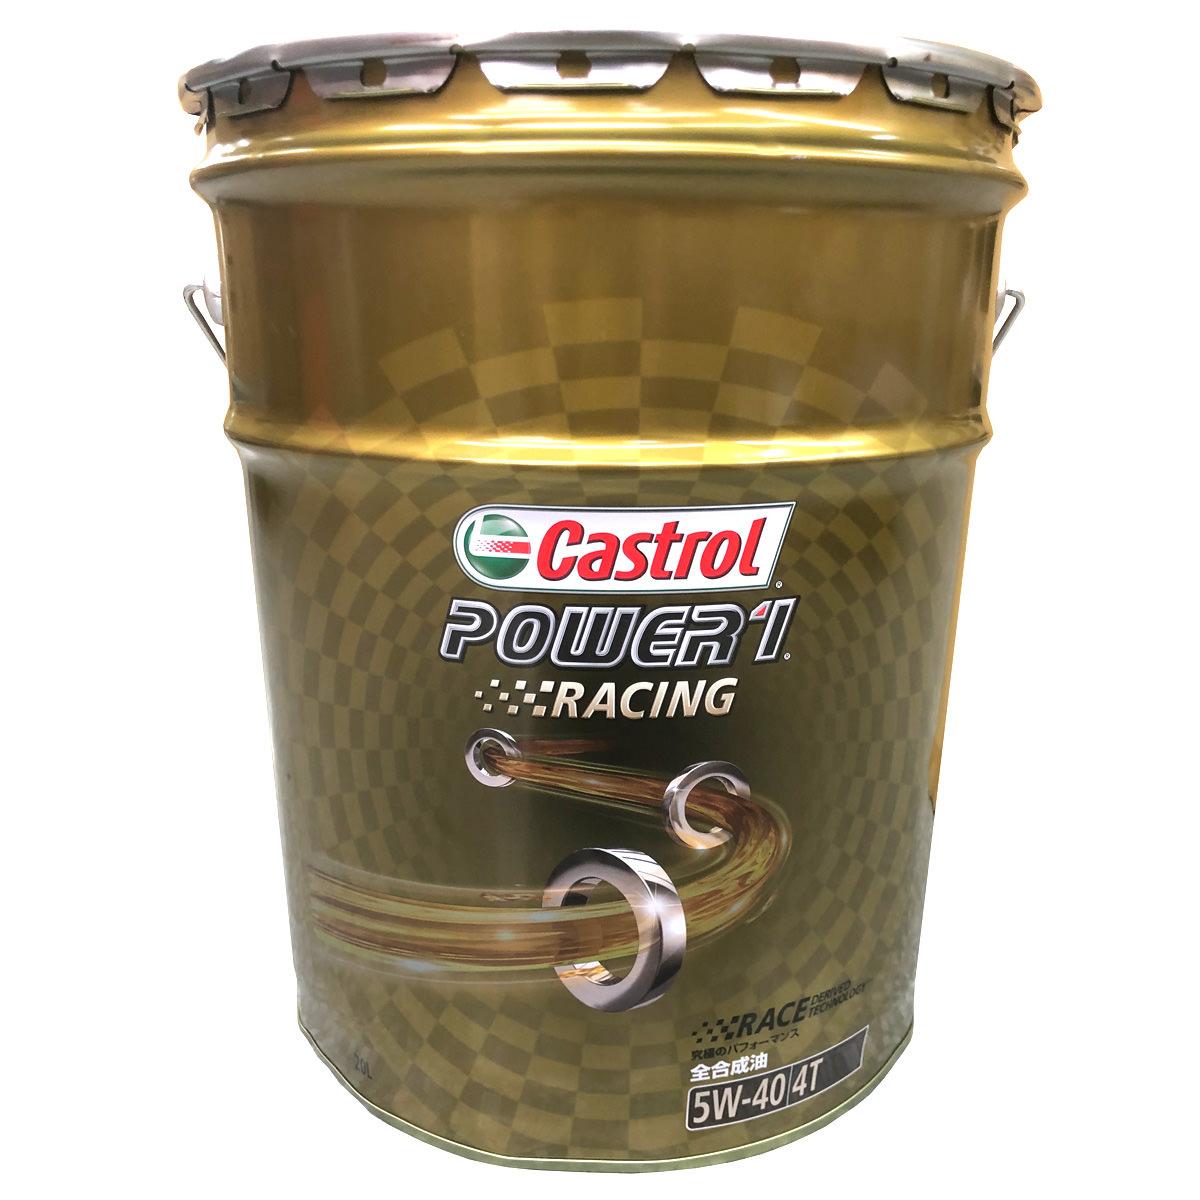 POWER1/パワー1 レーシング 4T 5W-40 20リットル(20L)(4985330113971)エンジンオイル Castrol(カストロール)